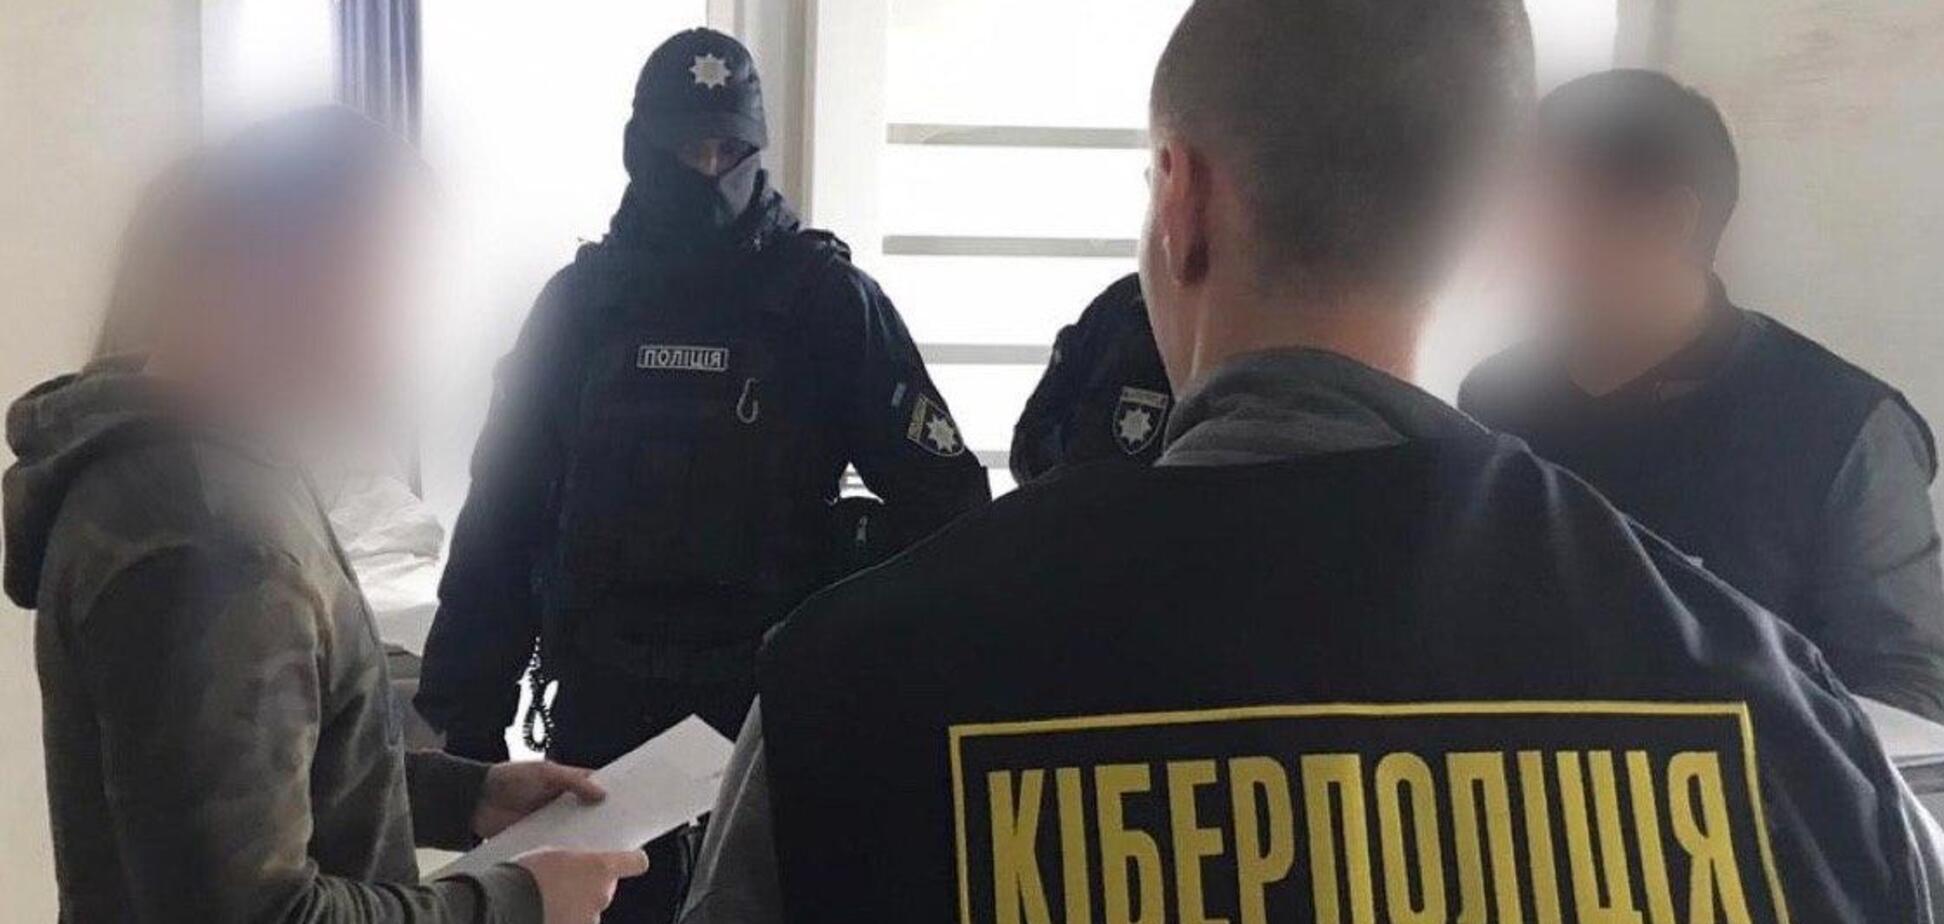 Во Львовской области хакер выводил деньги пользователей банков